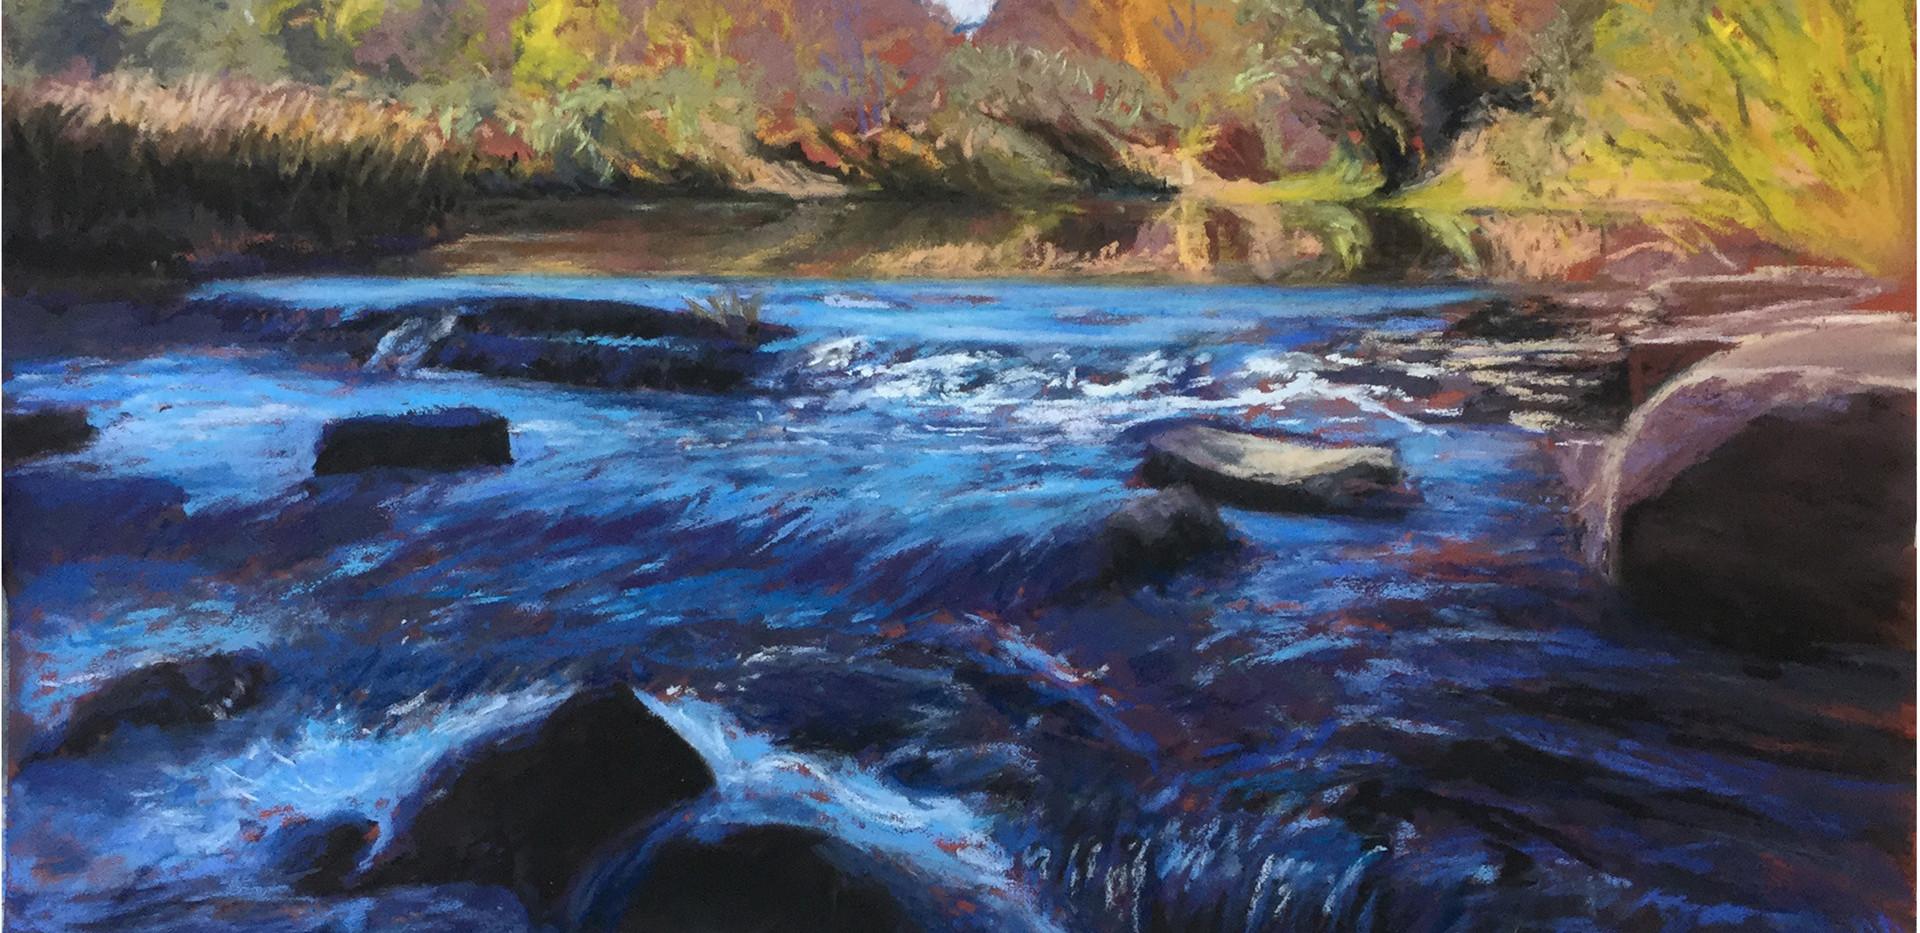 Cooper's Hollow Creek